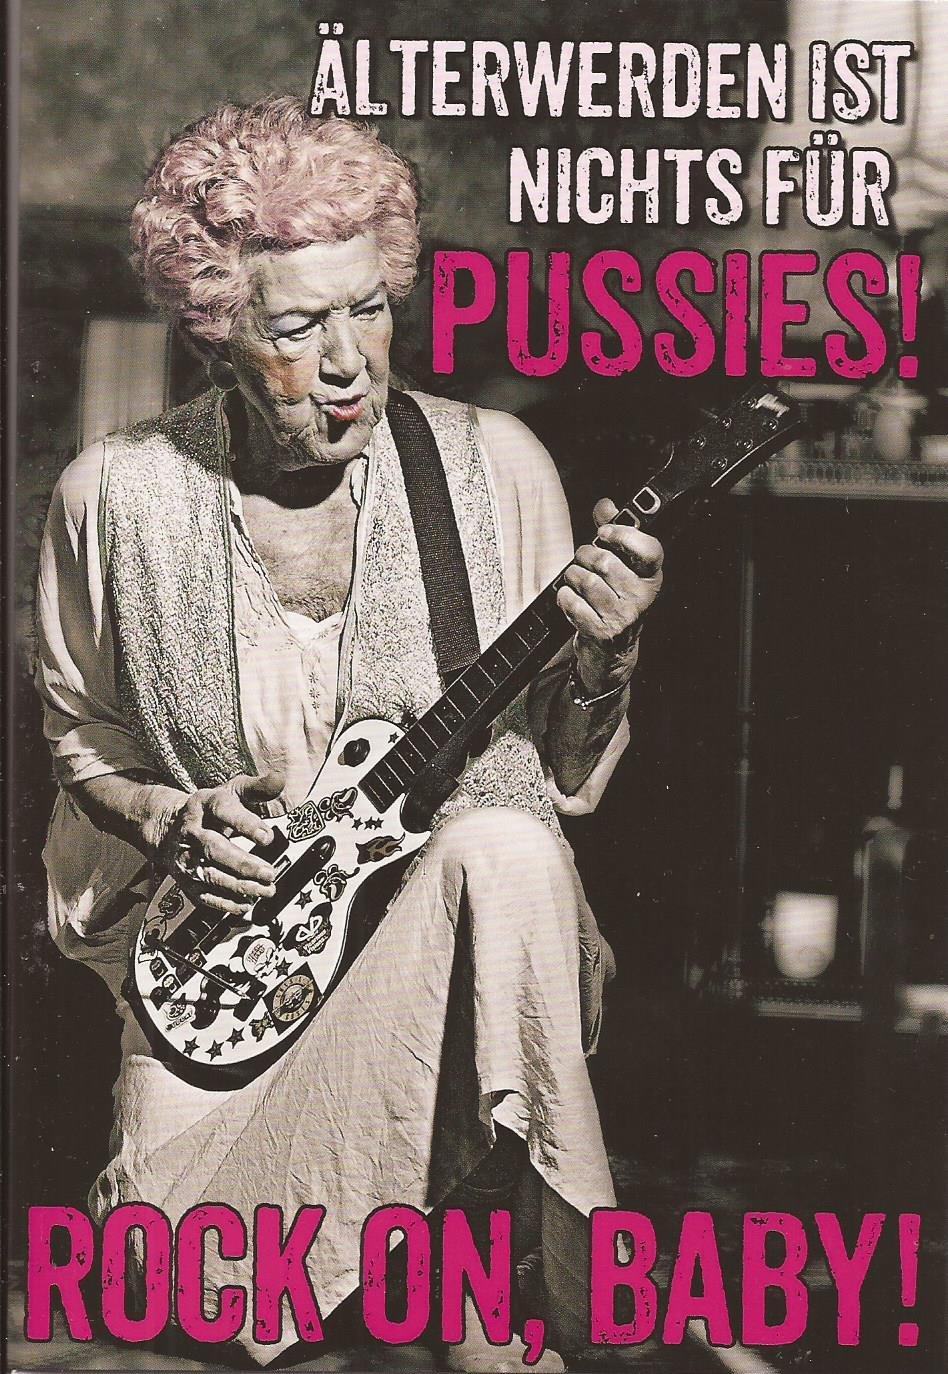 Bilder von Pussies